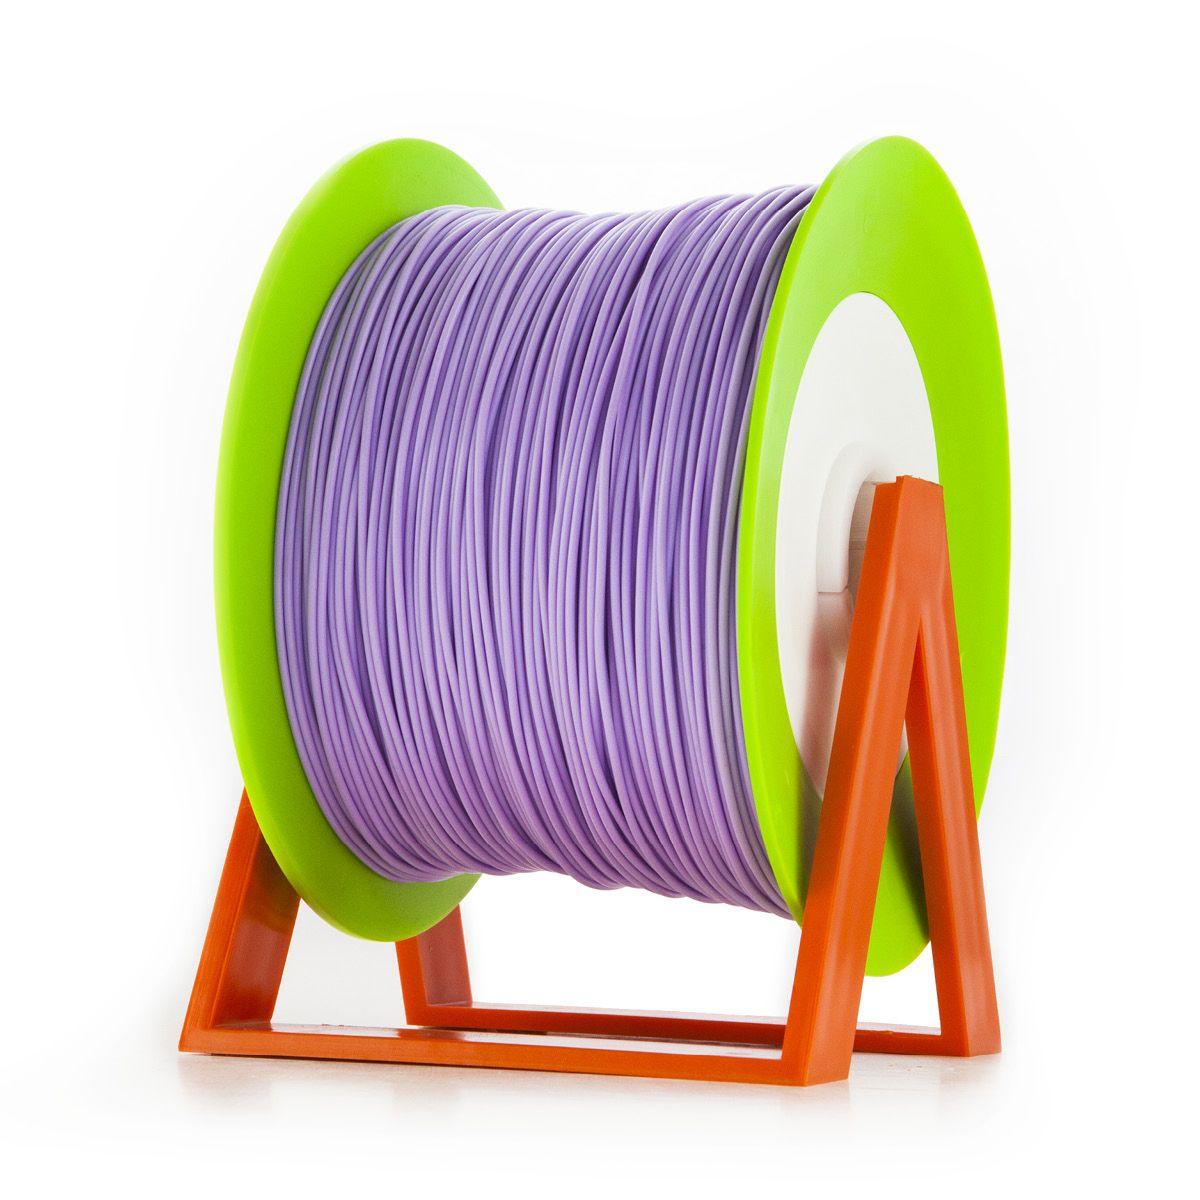 PLA Filament | Color: Wisteria Purple